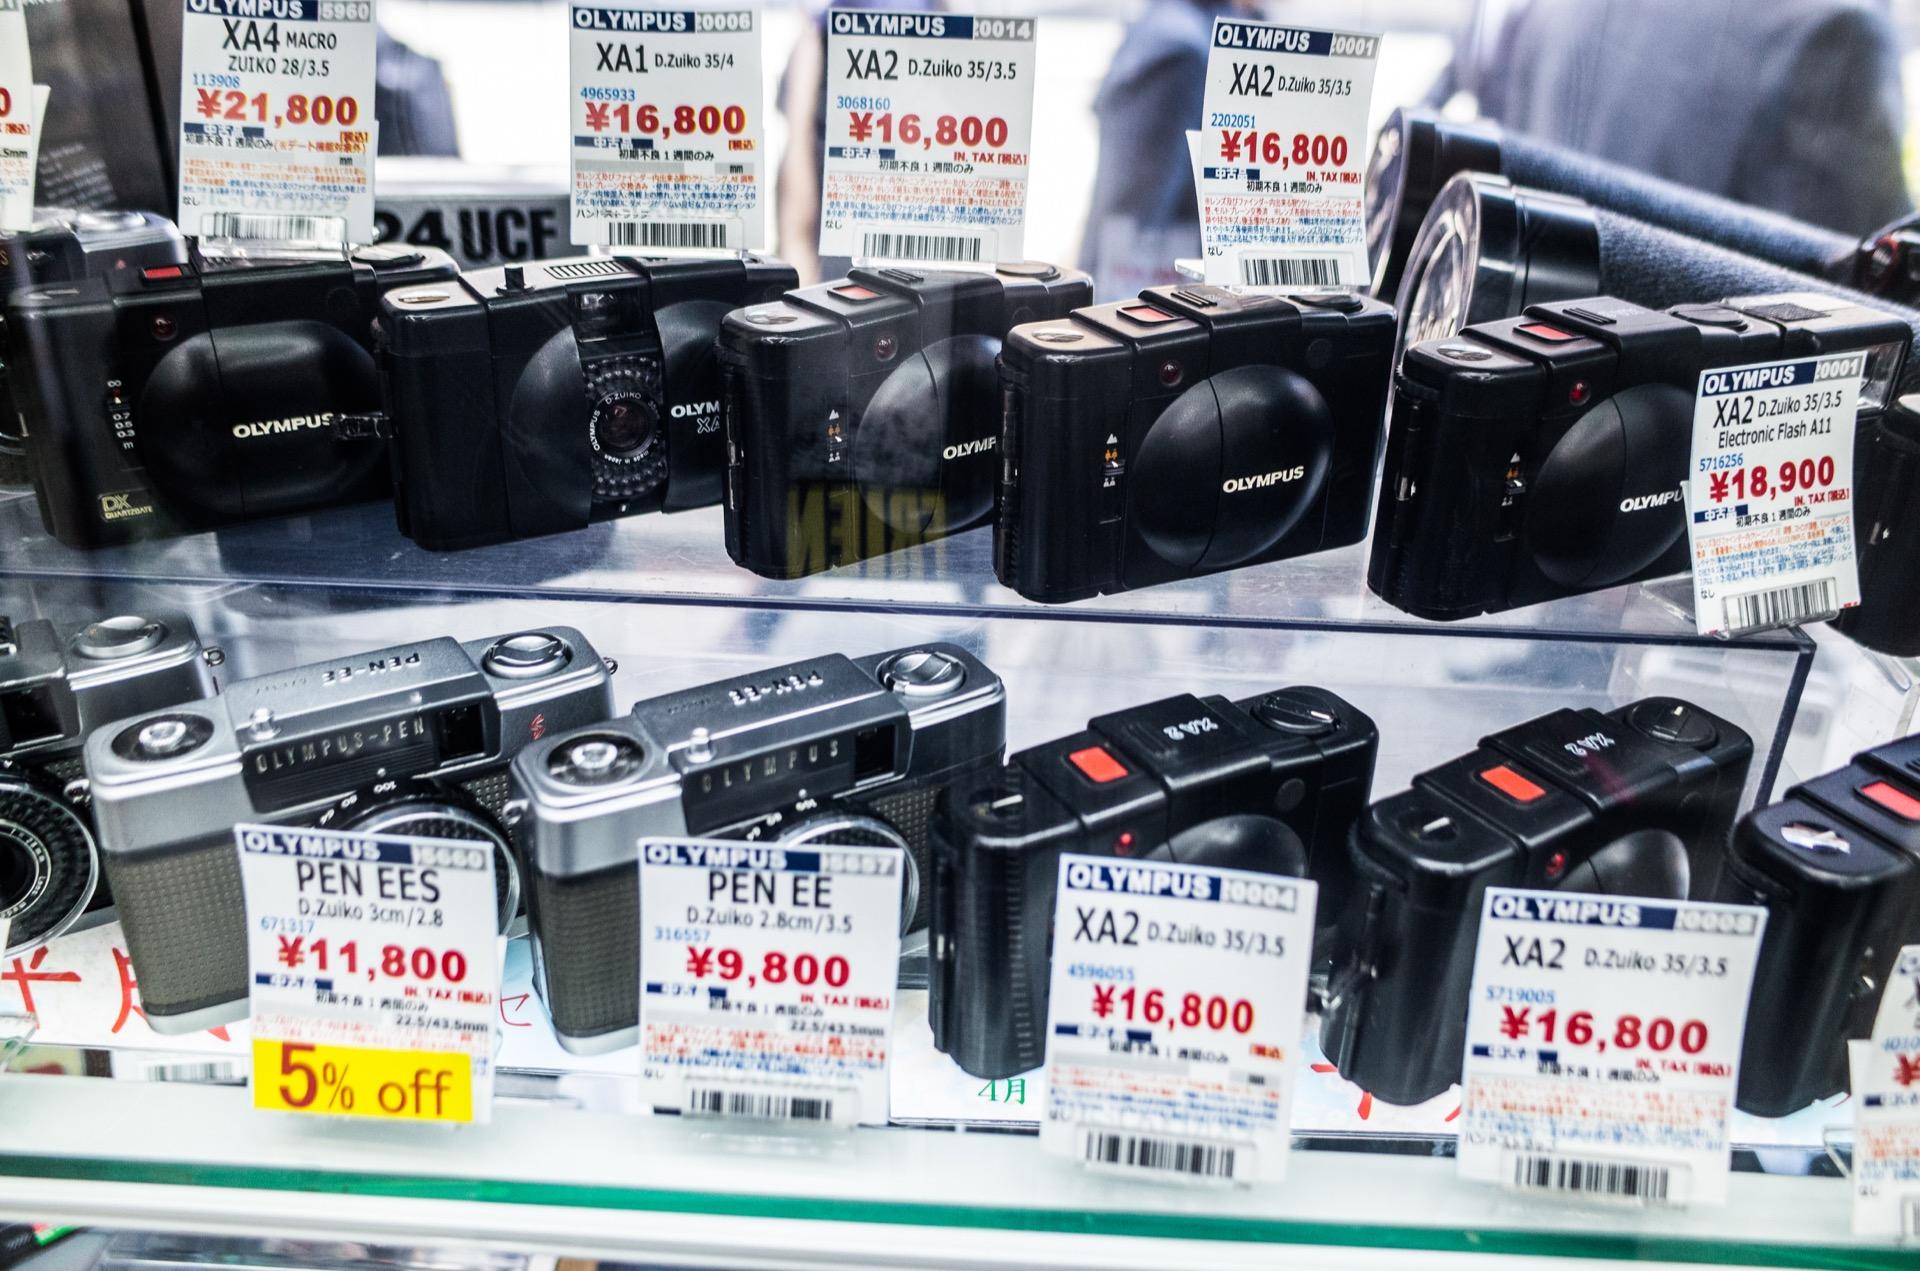 Nisshin camera shop Tokyo